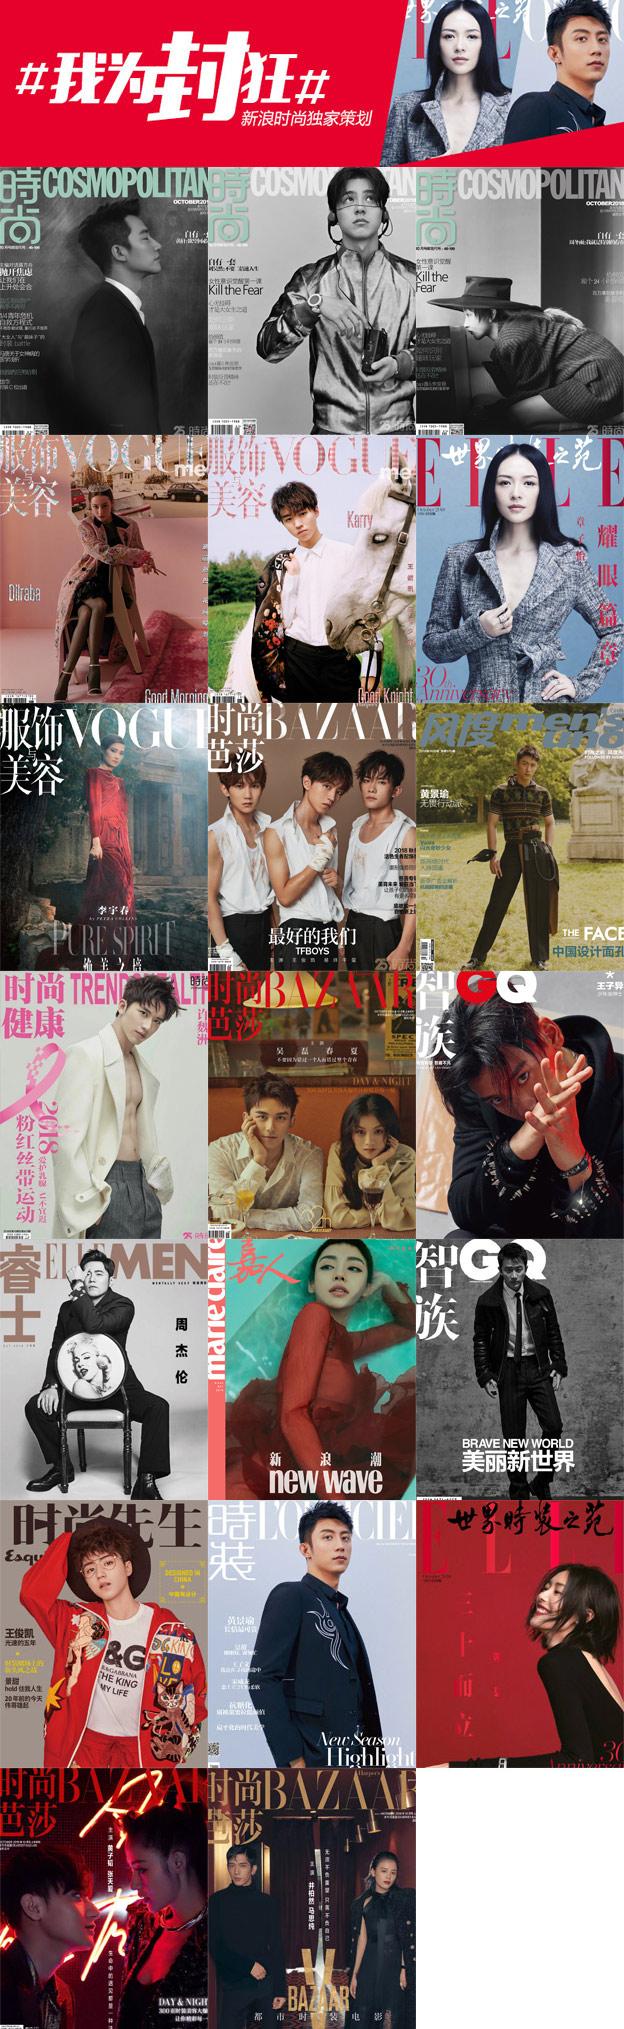 我为封狂|王俊凯热巴携手贡献10月刊封面最佳